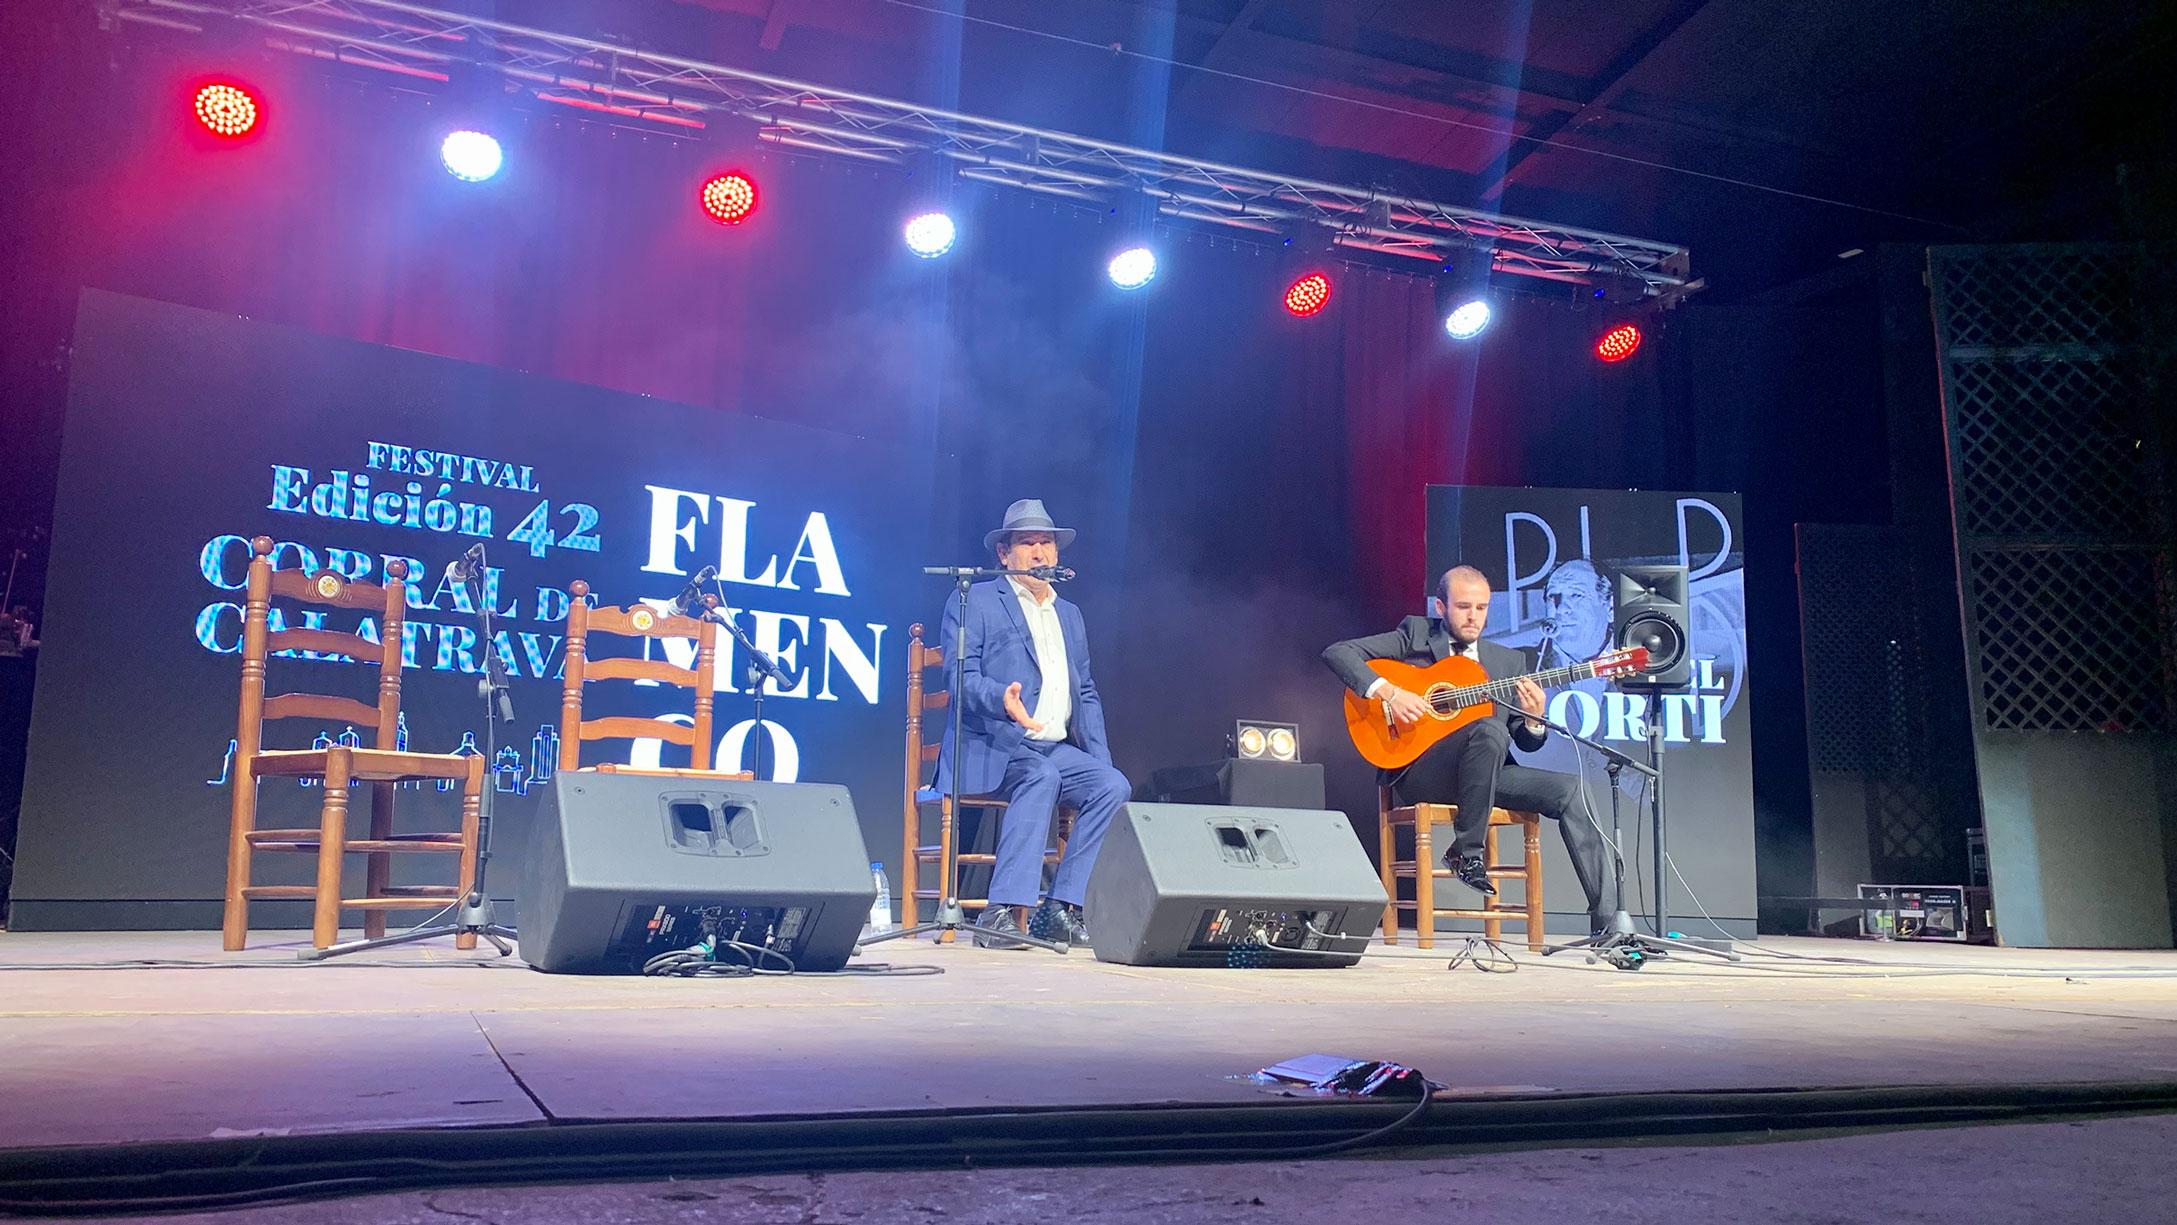 Festival_Flamenco_Corral_cva_2021_05